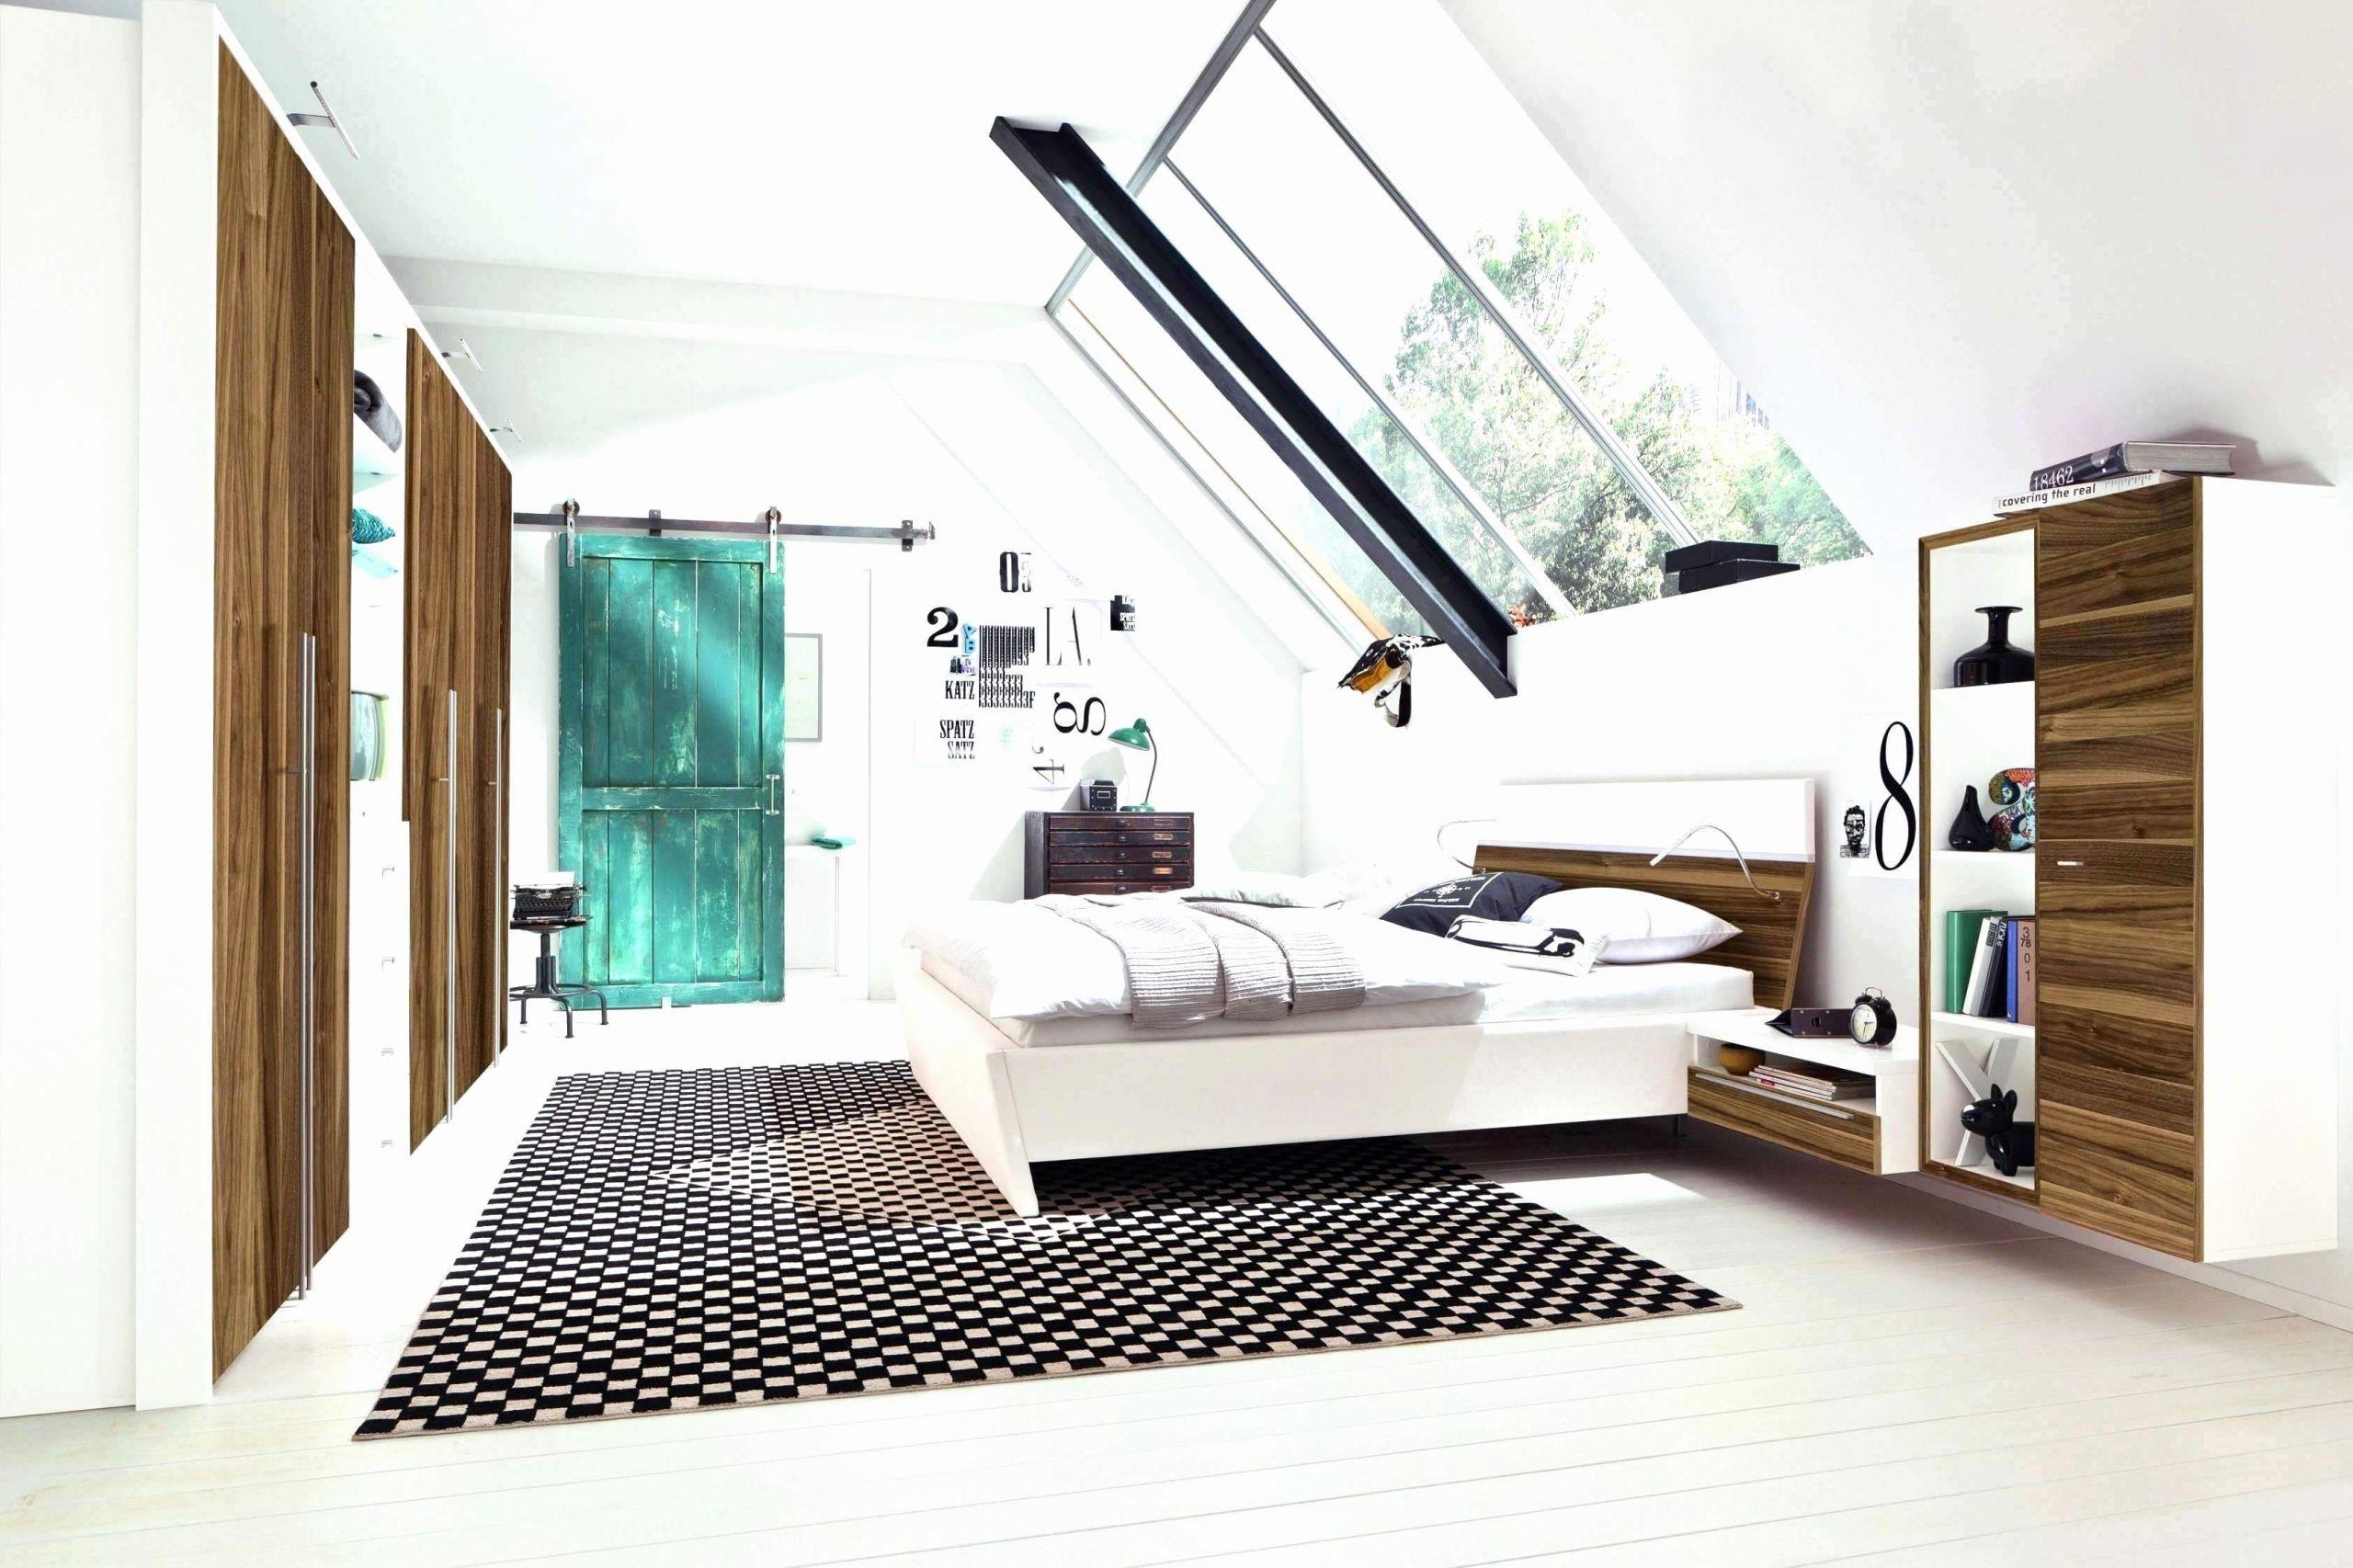 wohnzimmer nussbaum frisch 37 genial bilder ideen wohnzimmer dekoideen wohnzimmer of wohnzimmer nussbaum scaled